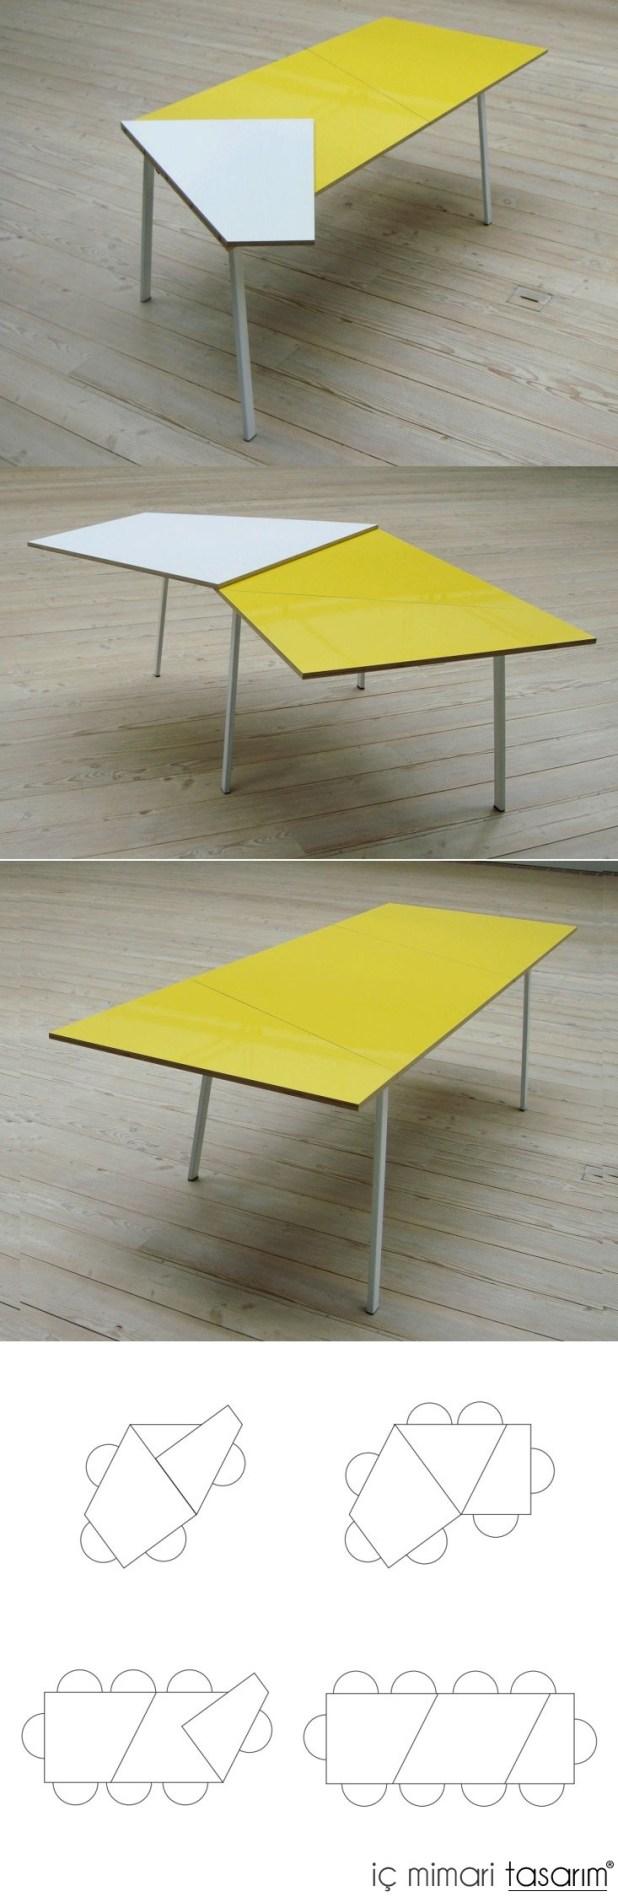 muhteşem-açılır-kapanır-masa-tasarımları (18)